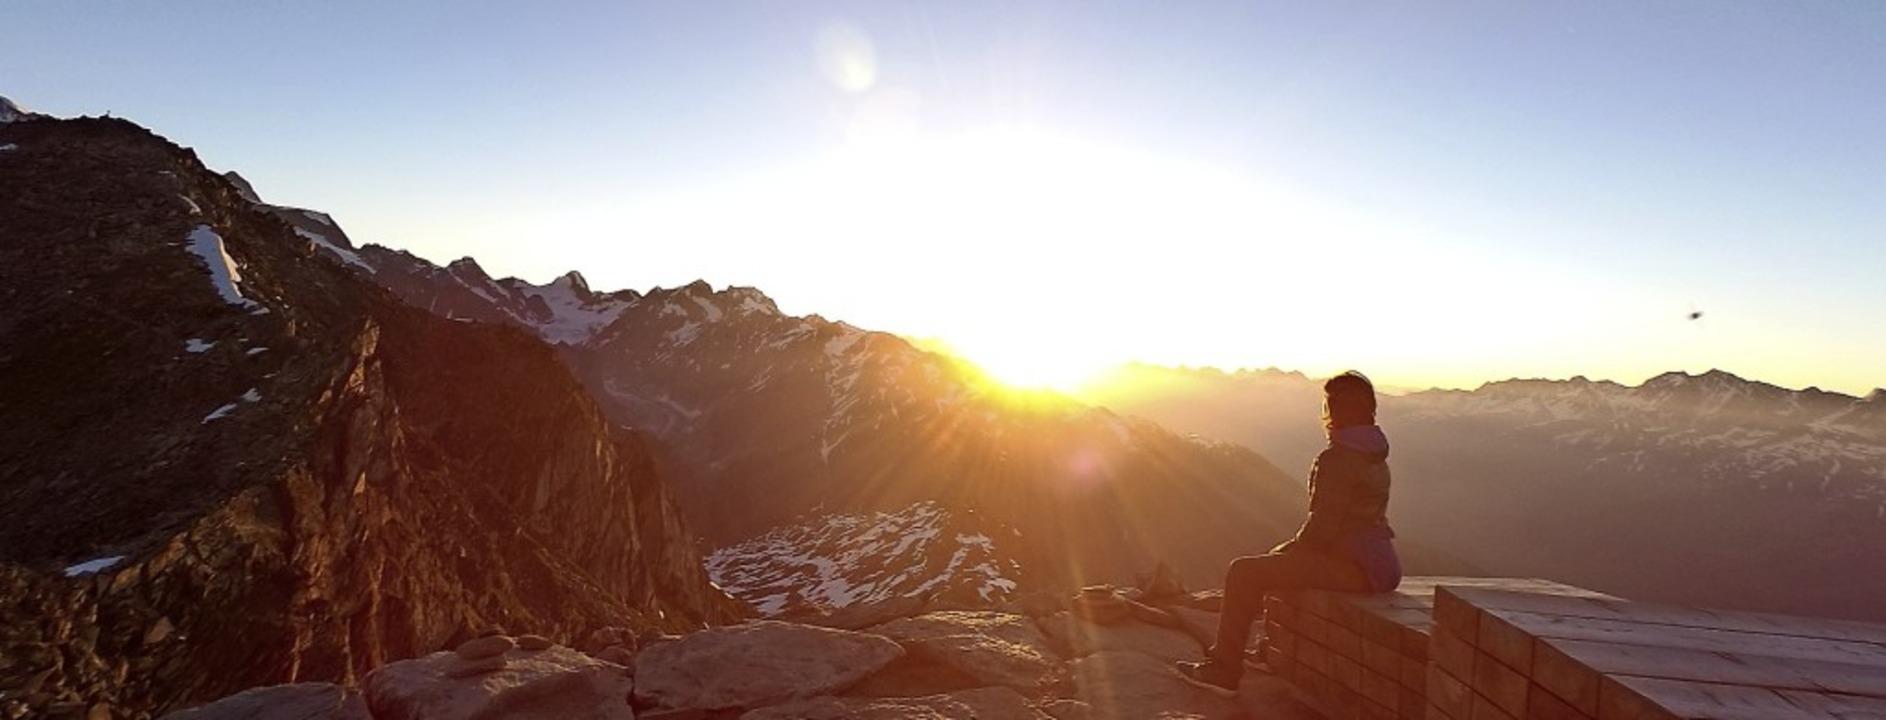 Sonnenaufgang in den Schweizer Alpen: Ein Genuss für Urlaubssuchende.   | Foto: Ronja Vattes